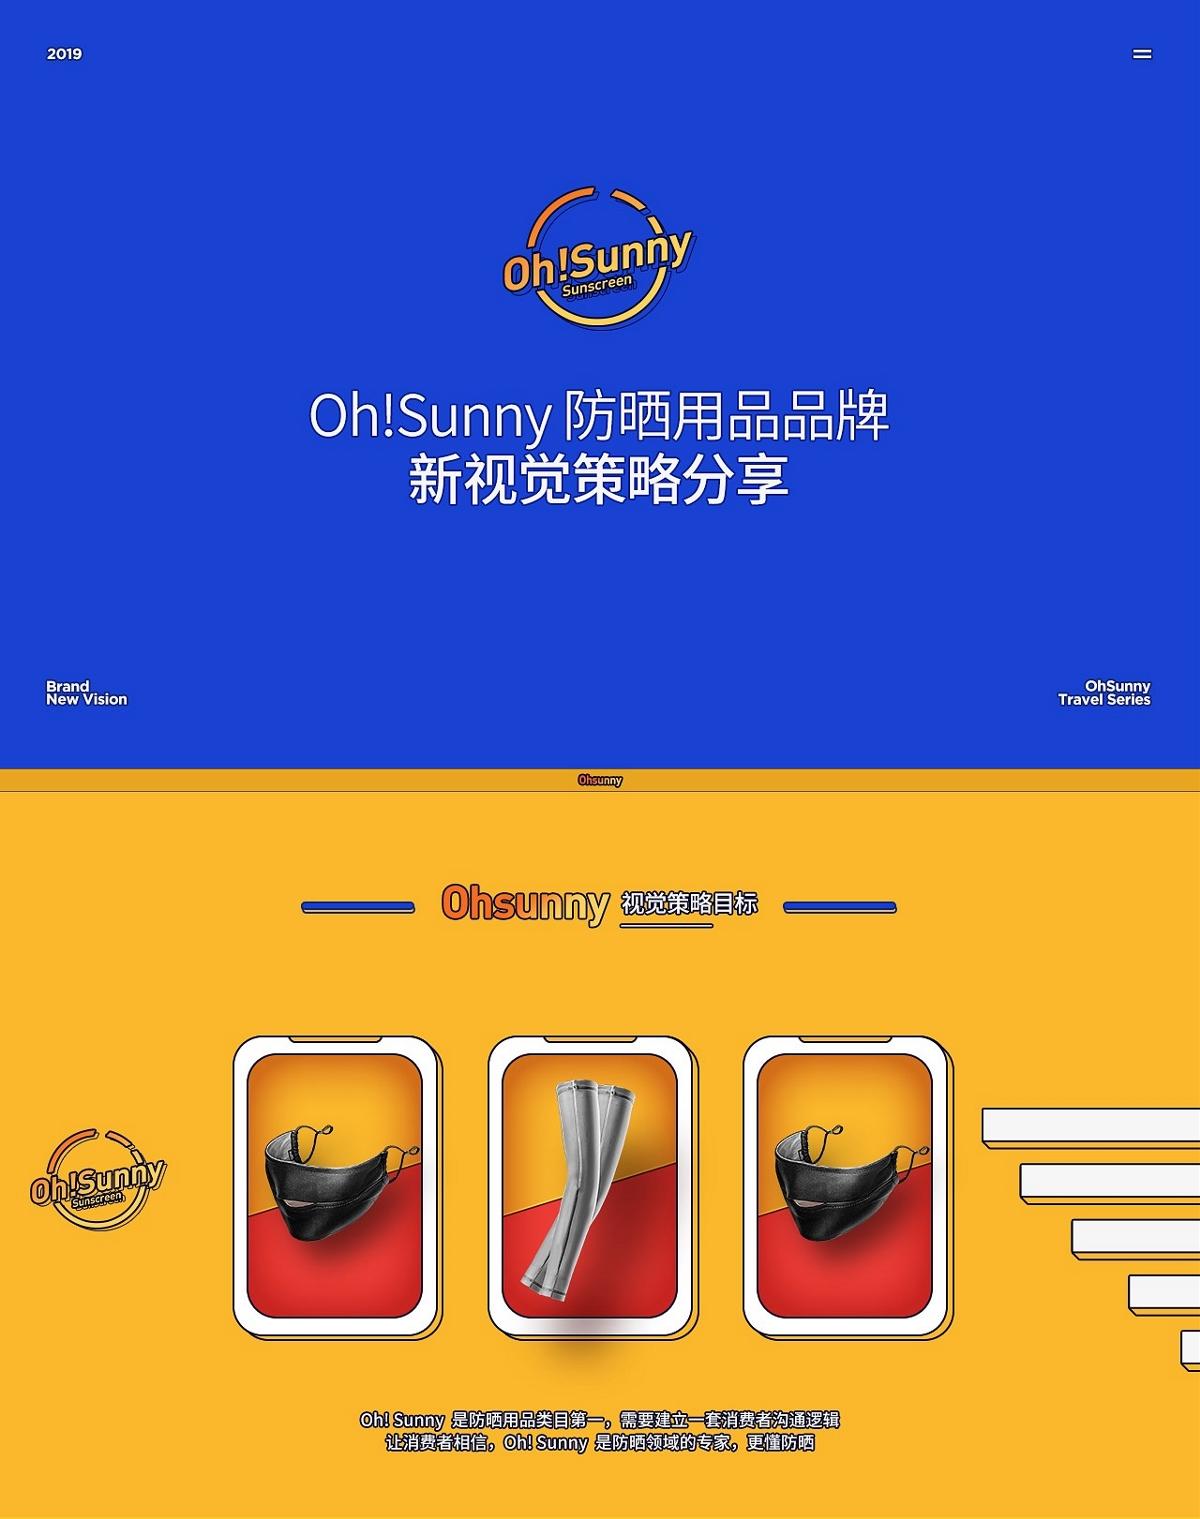 Oh!Sunny 防晒用品品牌新视觉策略分享【汤臣杰逊】